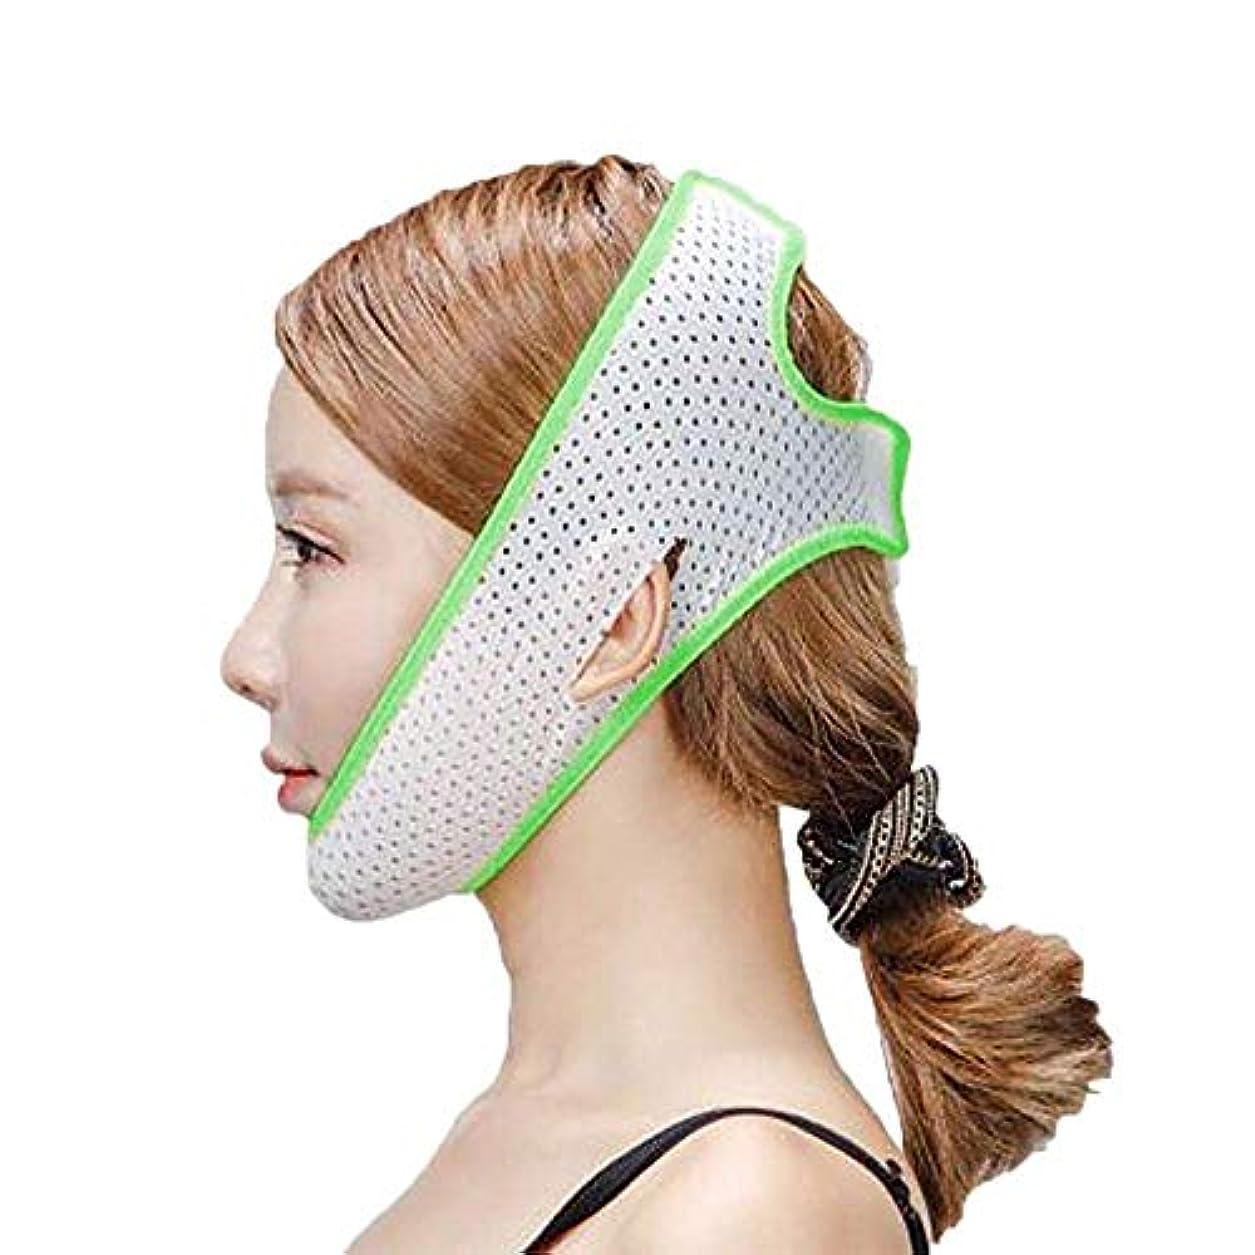 適切なプレミアム喉頭フェイスリフトマスク、ダブルチンストラップ、フェイシャル減量マスク、フェイシャルダブルチンケアスリミングマスク、リンクルマスク(フリーサイズ)(カラー:ブラック),緑